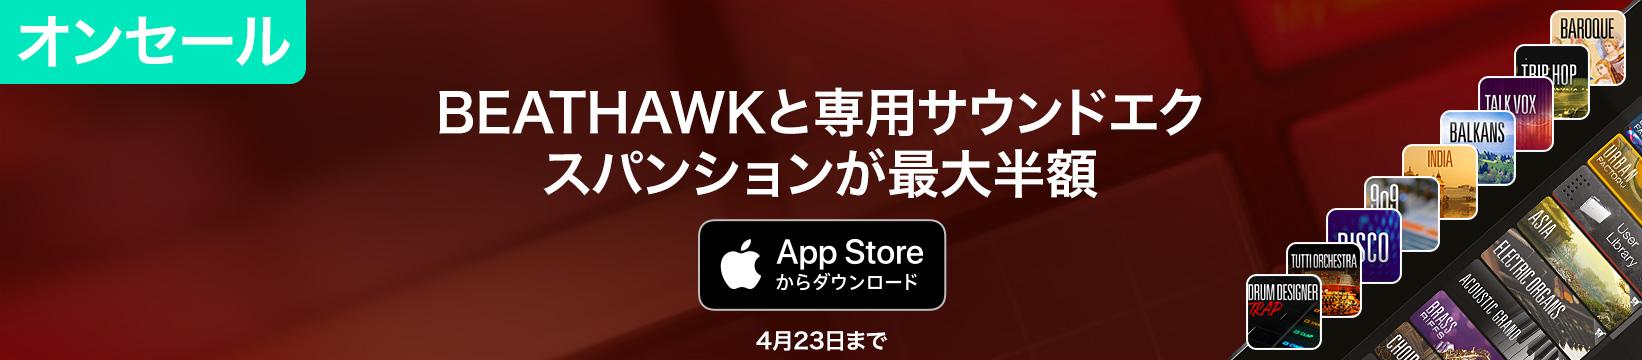 UVI BeatHawk | On sale